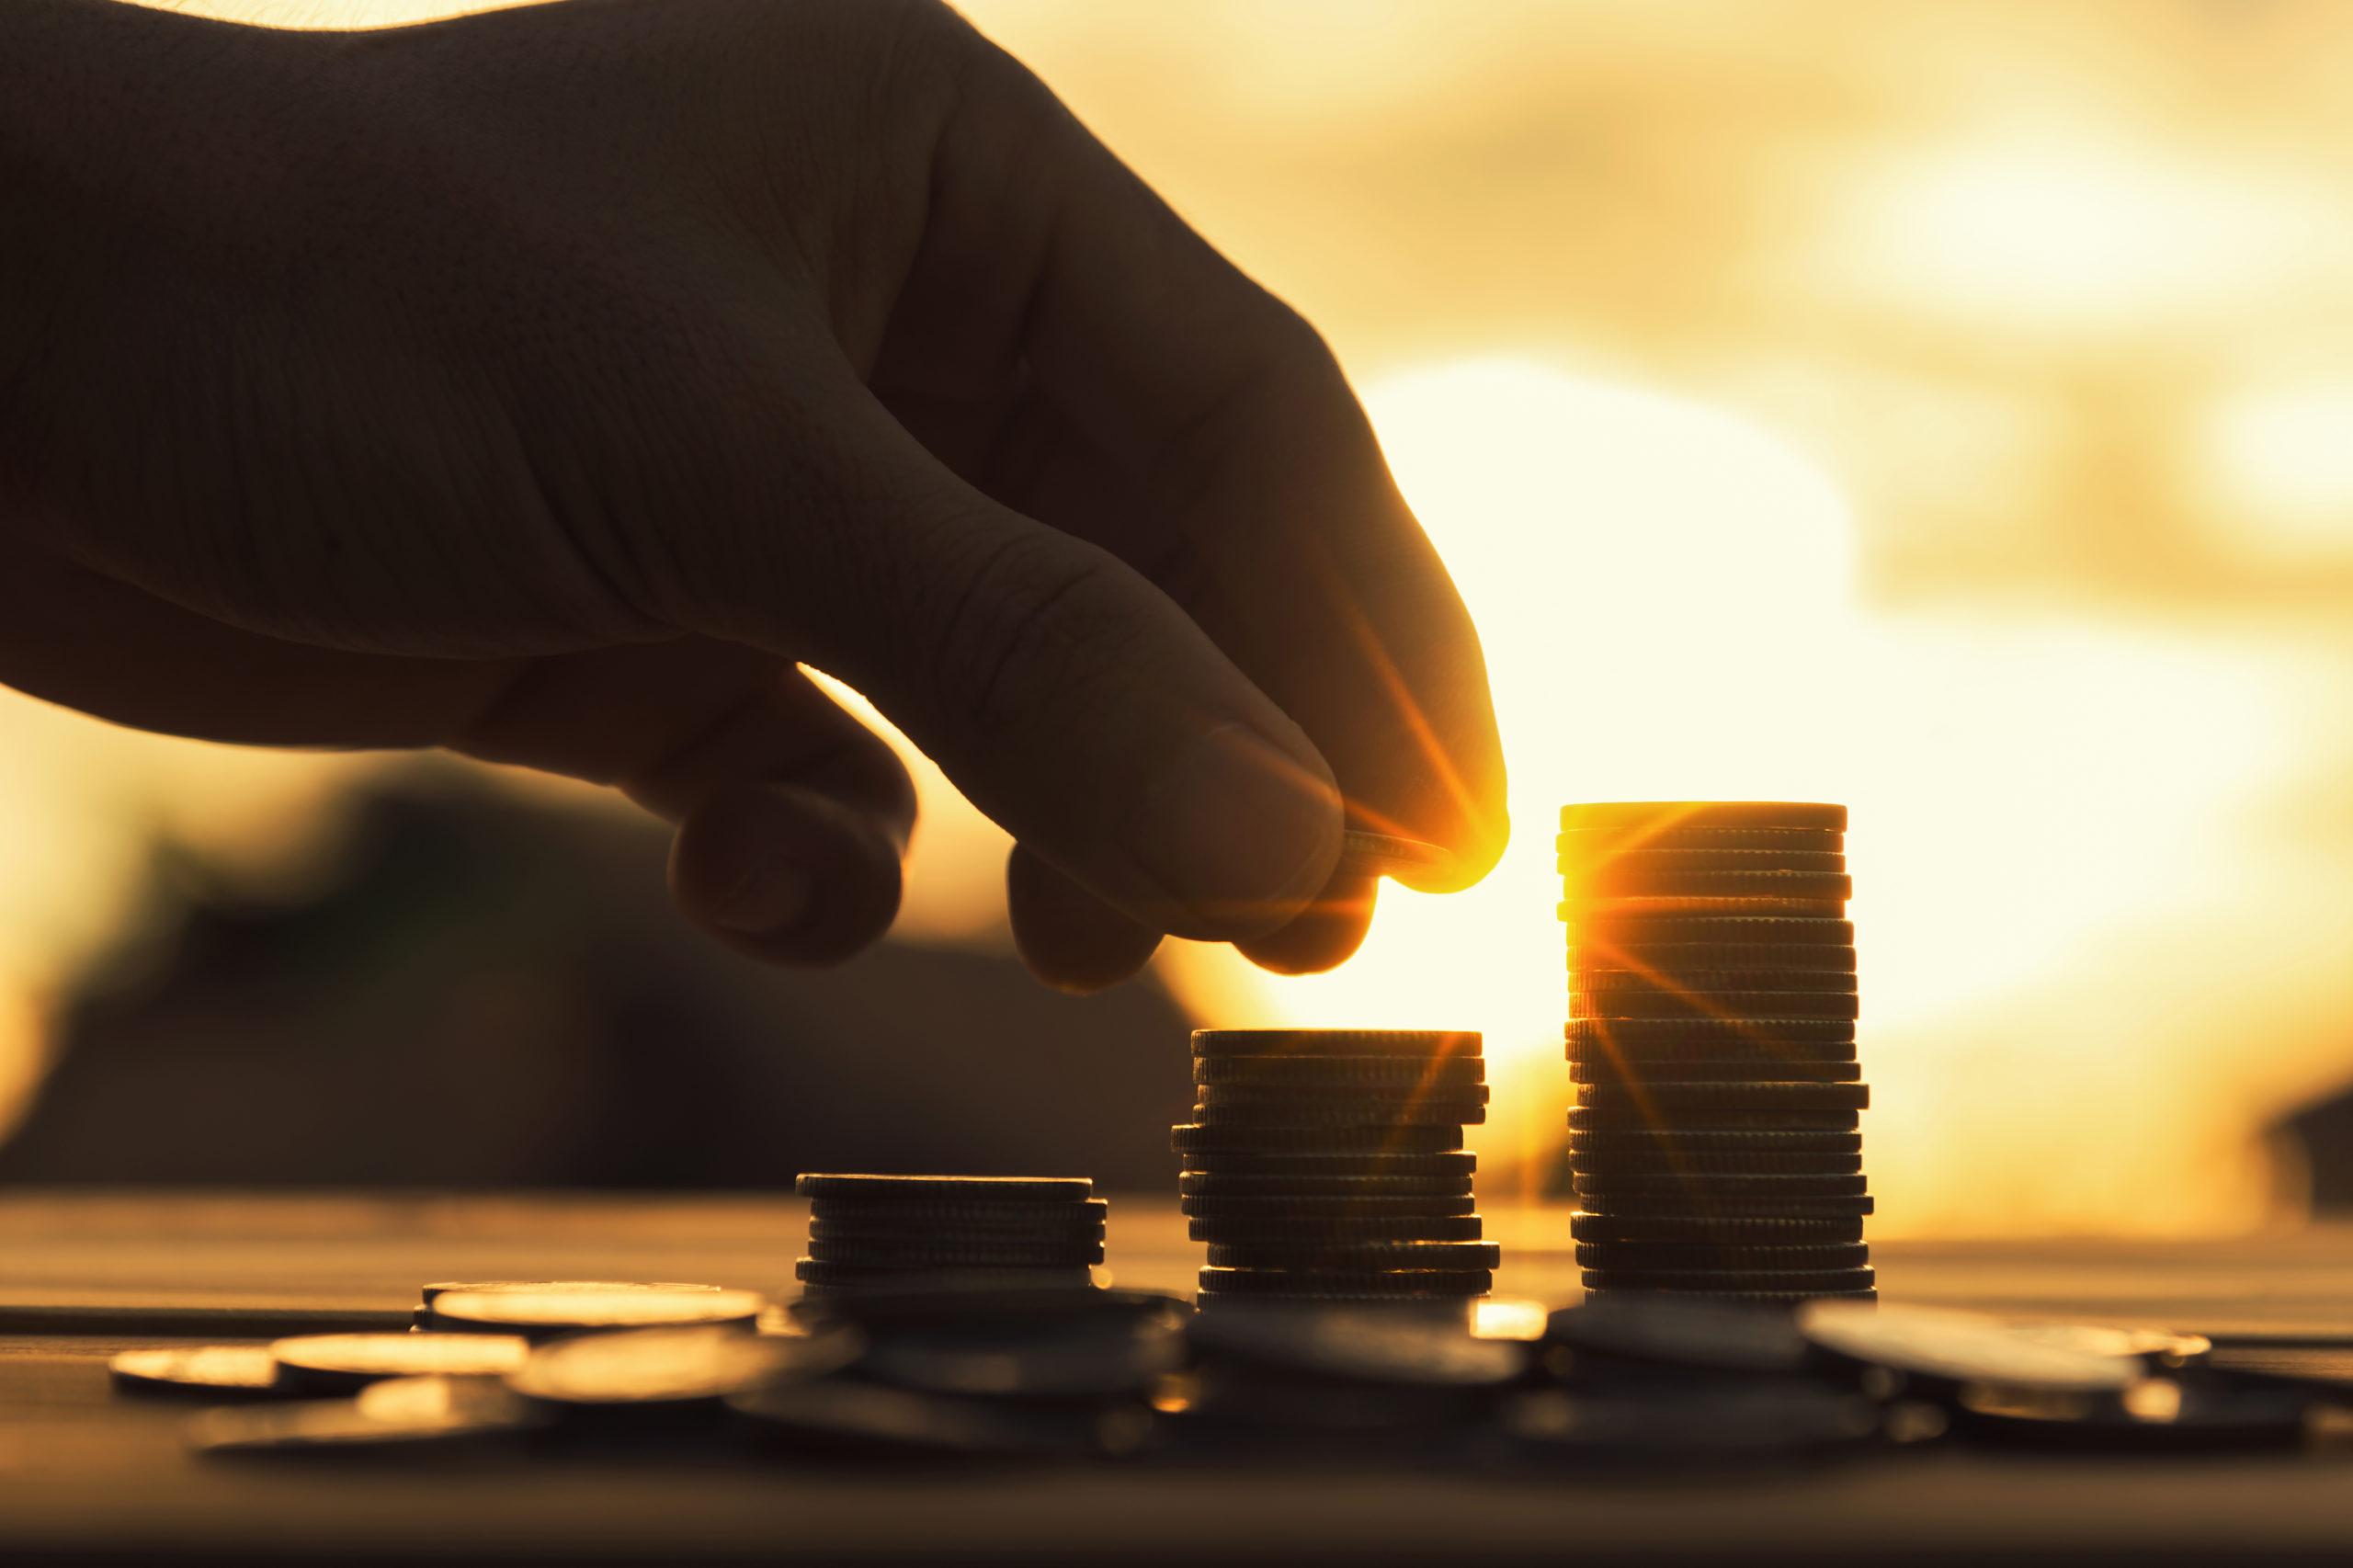 Mão coloca mais uma moeda em uma das três pilhas